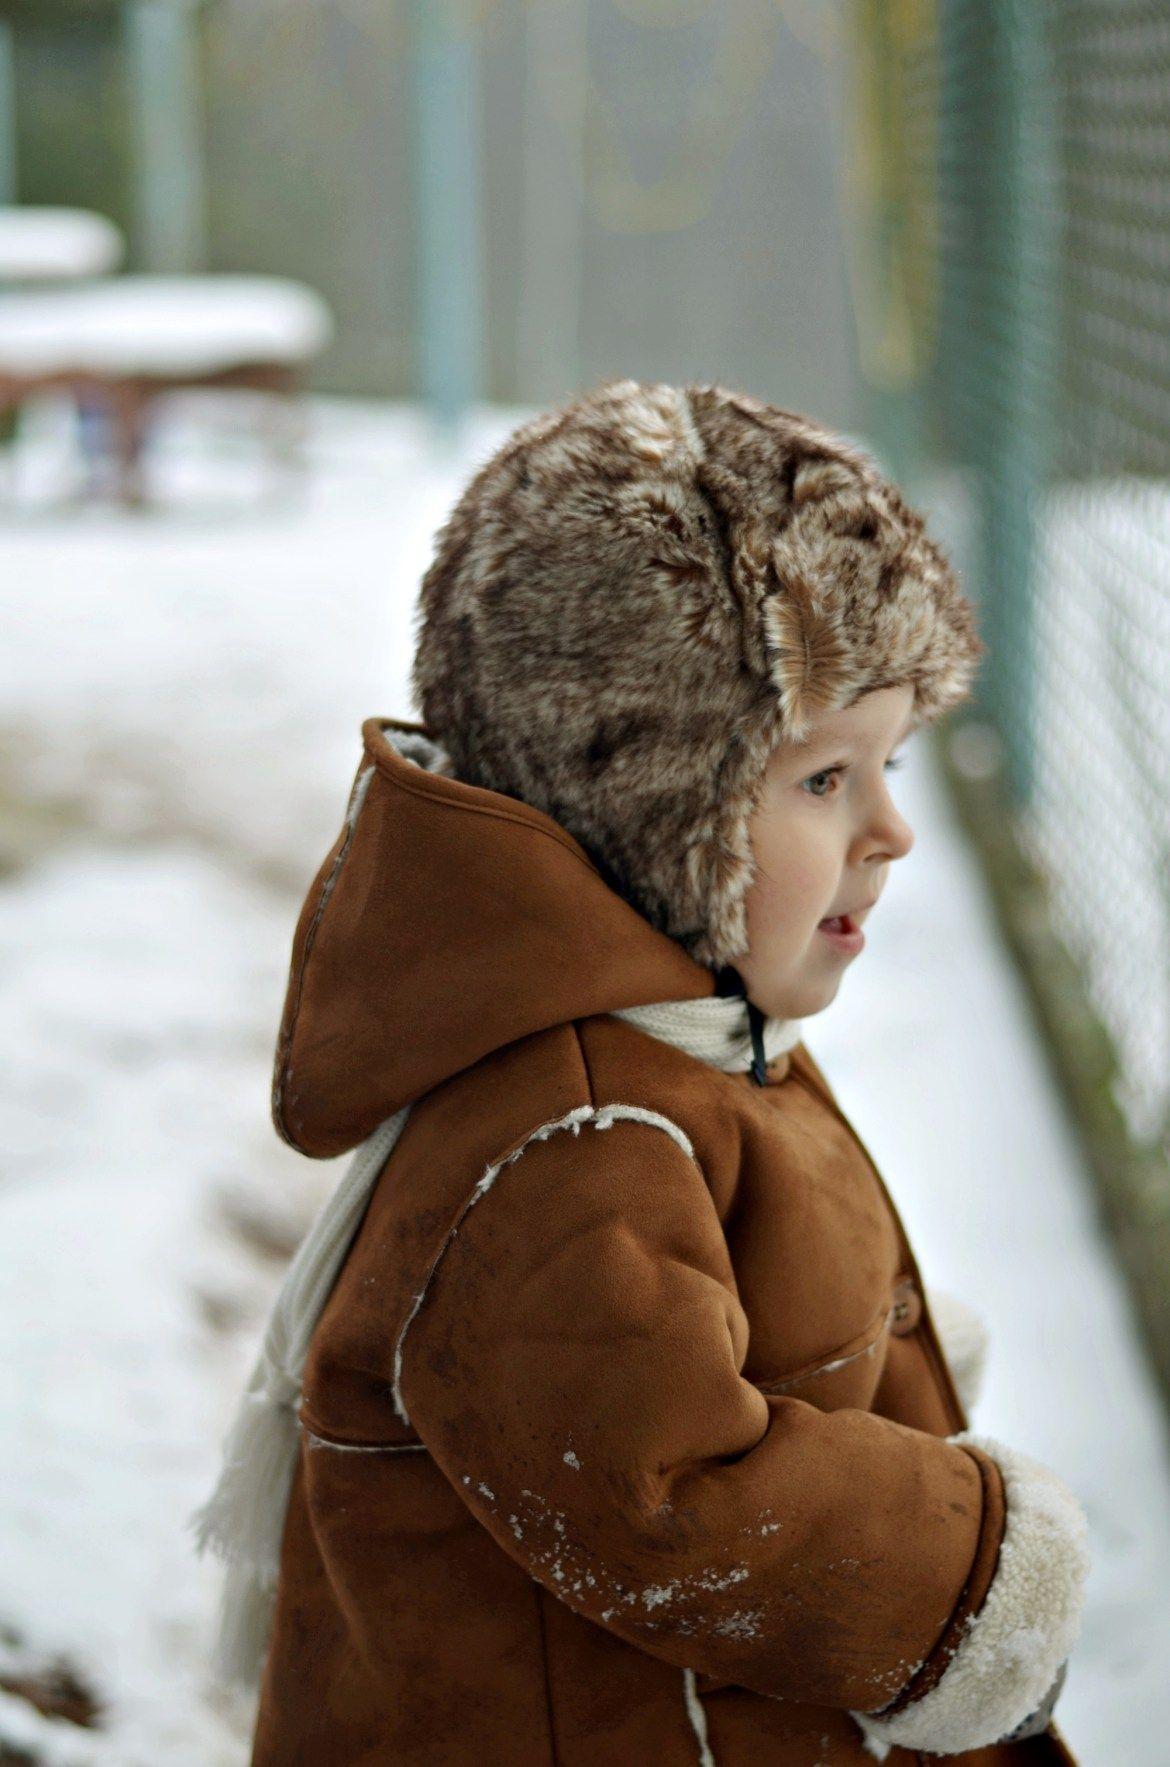 Czapka Na Zime Dla Chlopca Jaka Wybrac Sylwetta Winter Hats Hats Winter